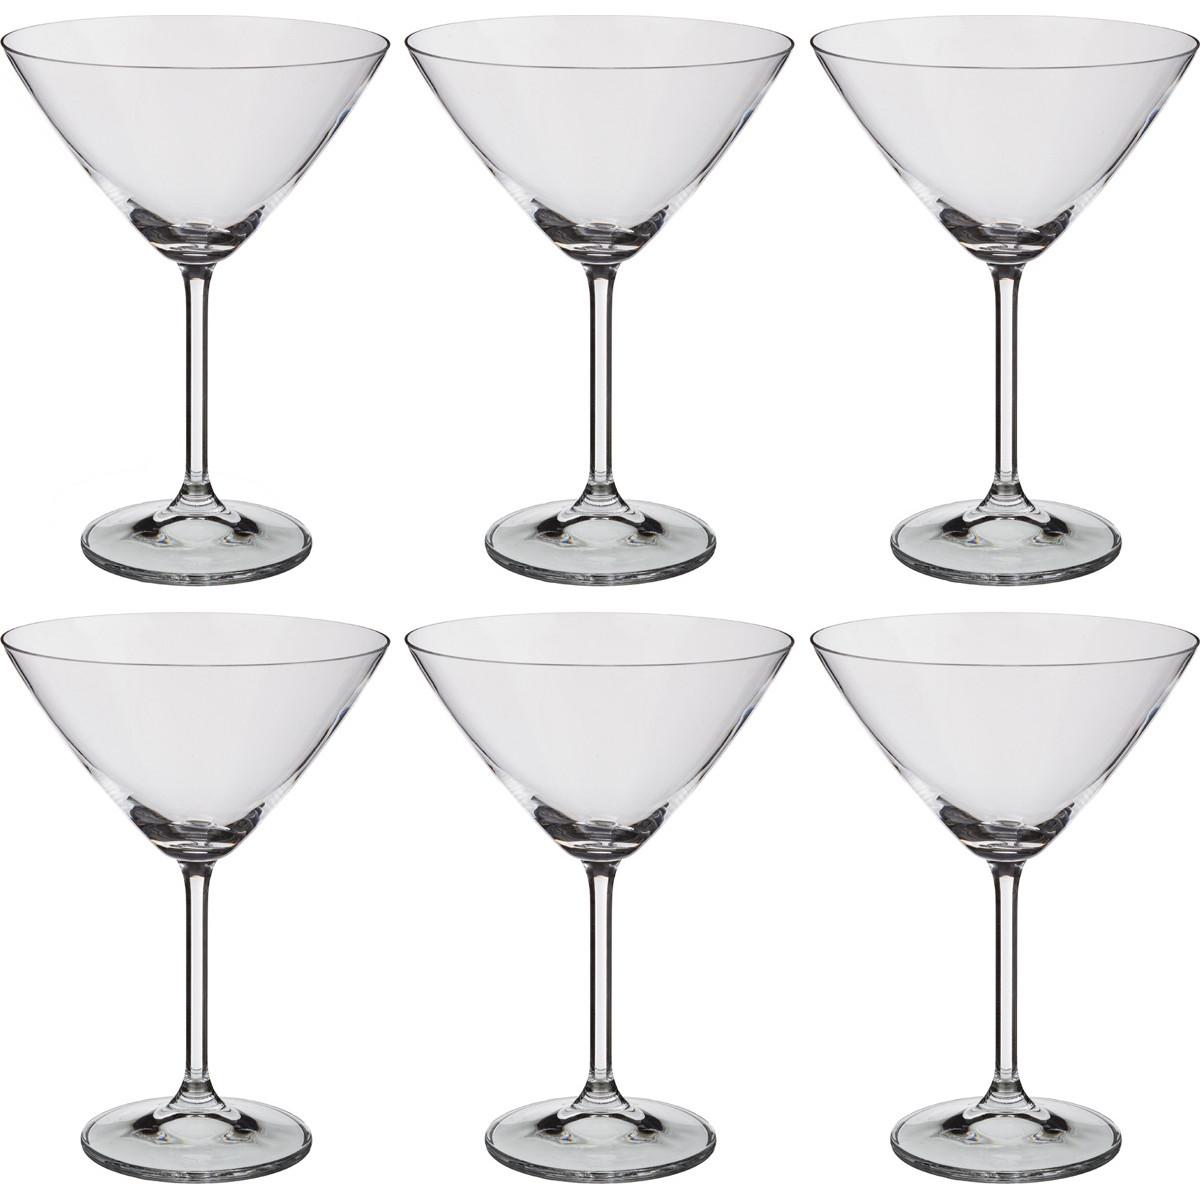 {} Crystalite Bohemia Набор бокалов для коктейлей Joab (18 см - 6 шт) набор бокалов для бренди 6 шт crystalite bohemia набор бокалов для бренди 6 шт